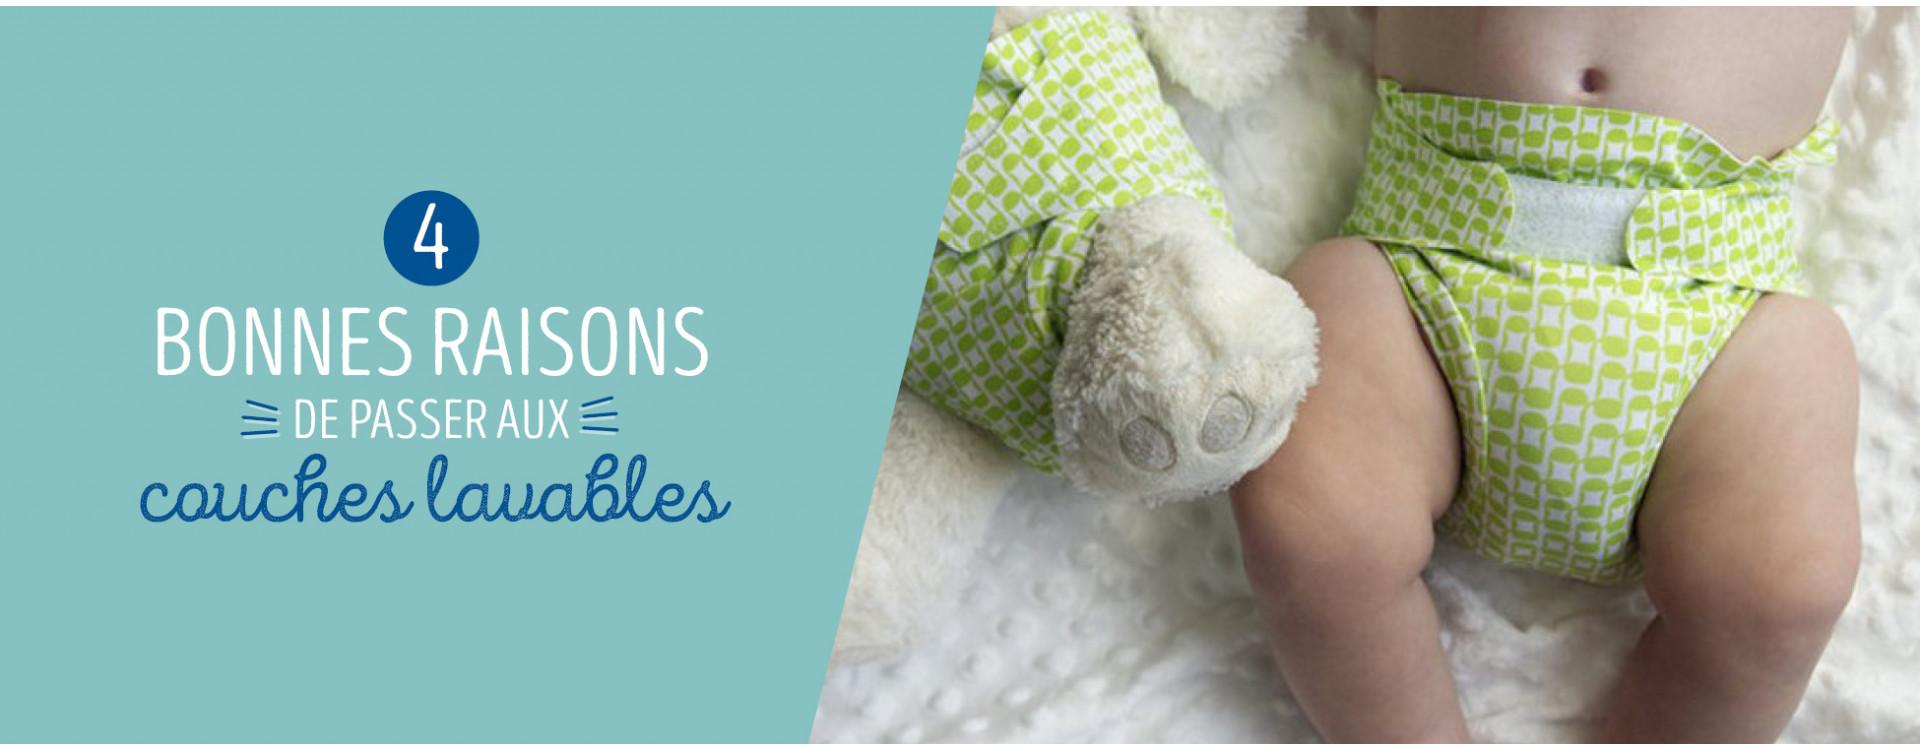 4 Bonnes raisons de passer aux couches lavables